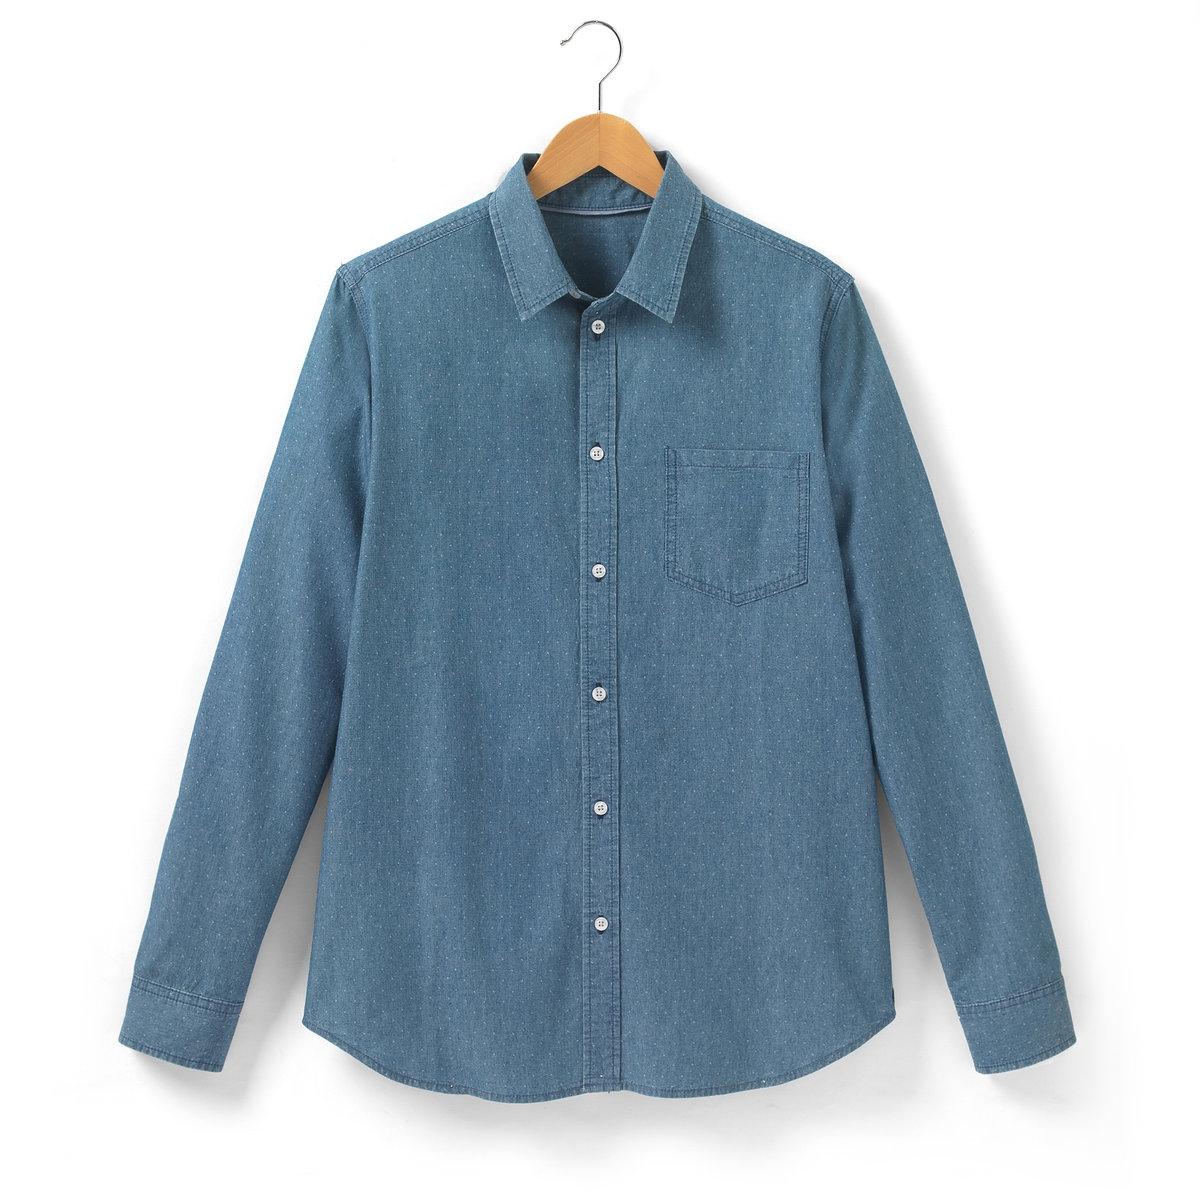 Рубашка из денимаРубашка из денима с рисунком и длинными рукавами SOFT GREY. Свободные края воротника. 1 накладной нагрудный карман. Застежка на пуговицы. Манжеты с застежкой на пуговицы. Длина 77 см. Рубашка, 100% хлопка.<br><br>Цвет: деним с рисунком<br>Размер: 41/42